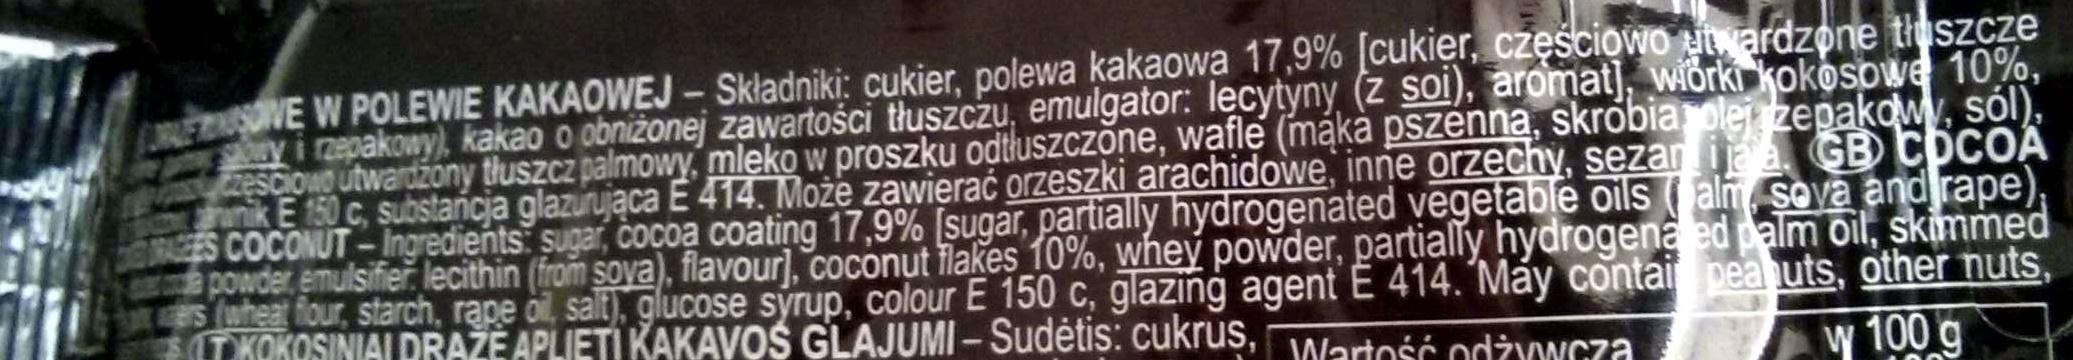 Korsarz - Ingredients